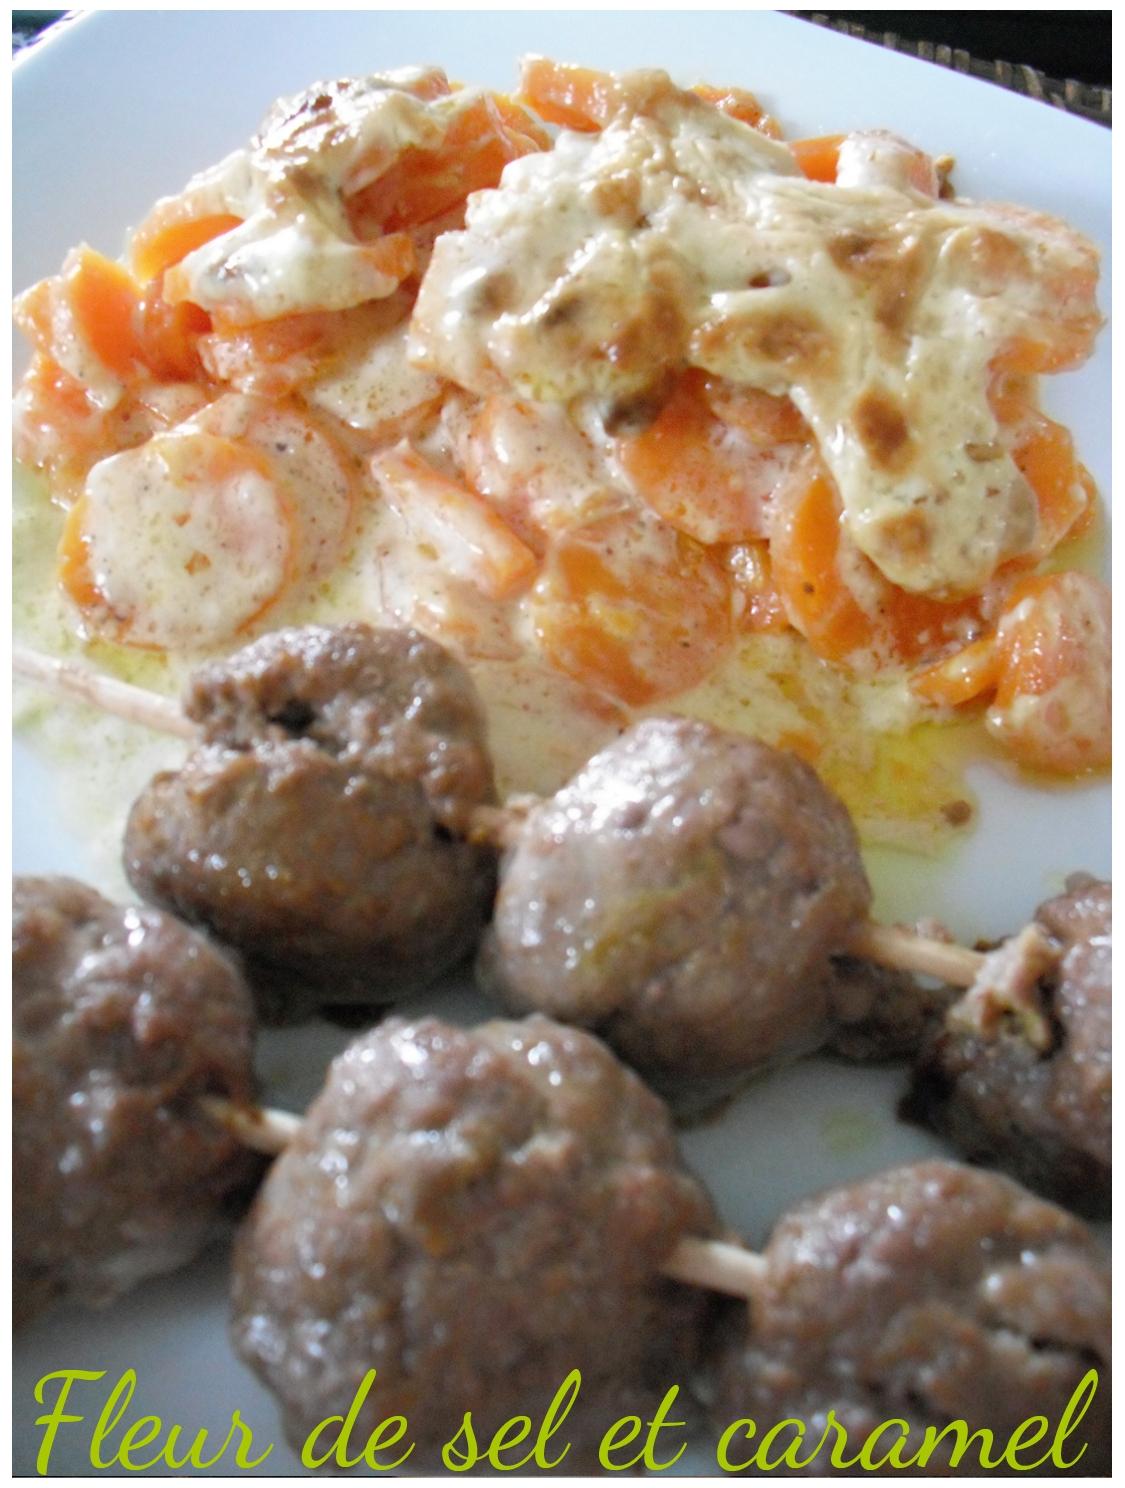 Fleur de sel et caramel boulettes de boeuf aux pices - Fleur de sel aux epices grillees ...